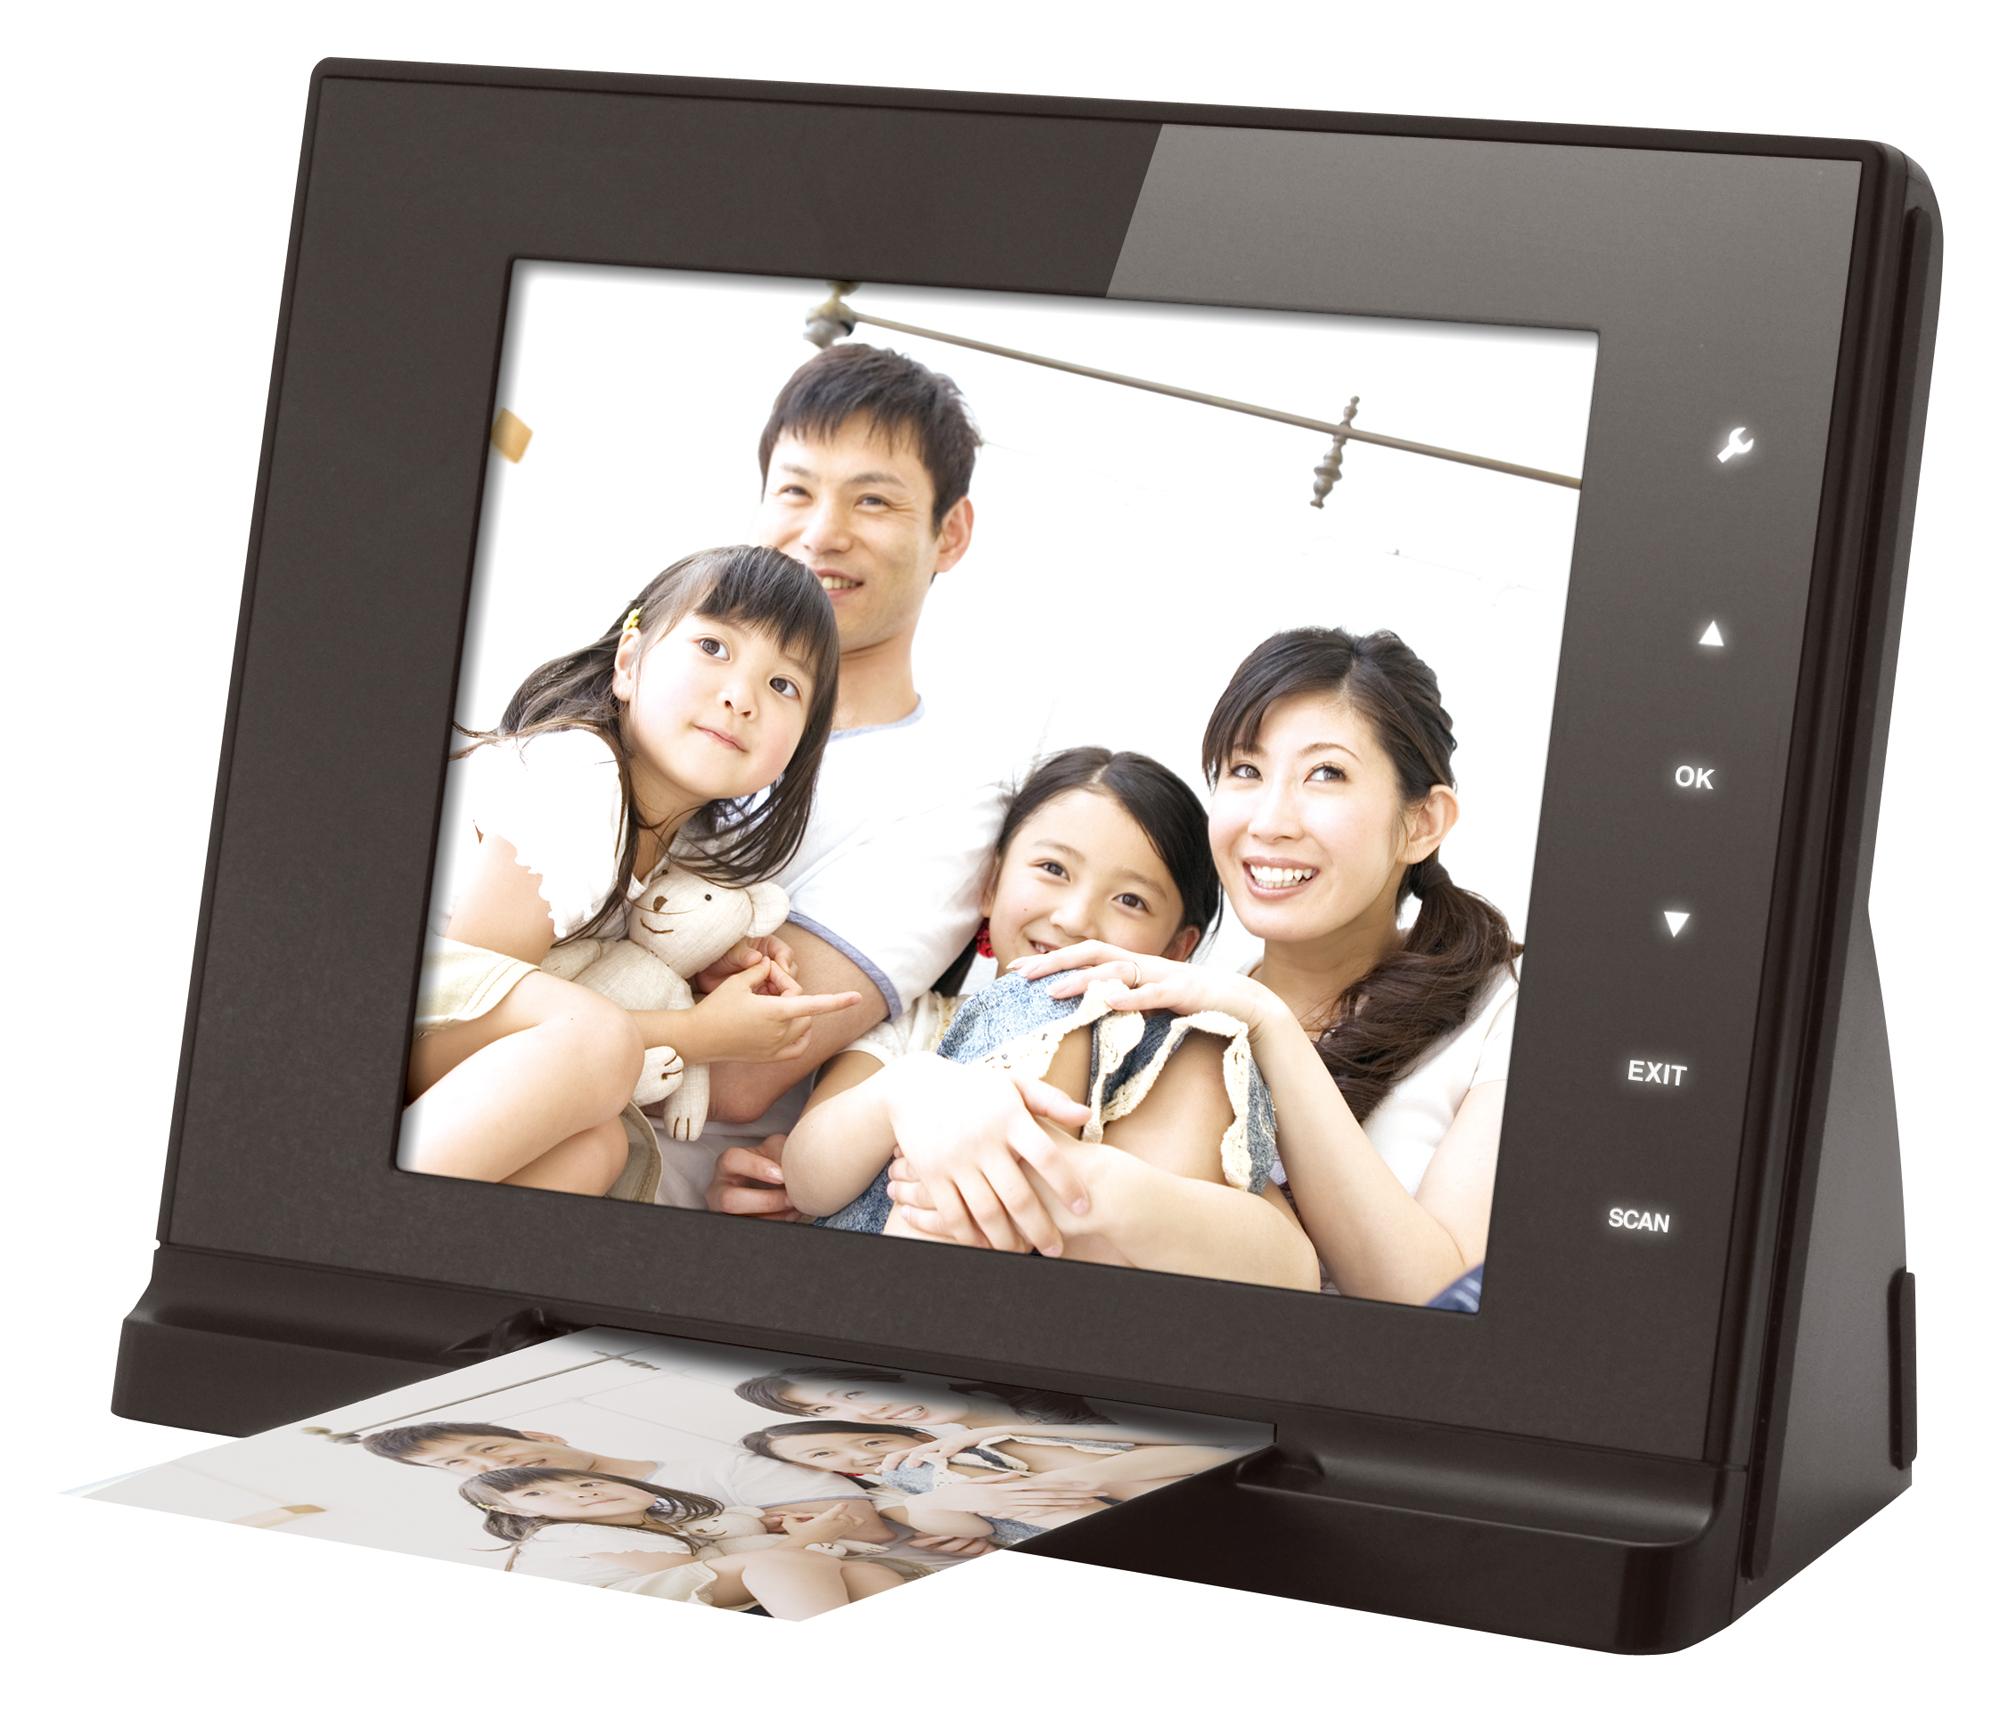 デジタルフォトフレーム - Digital photo frame